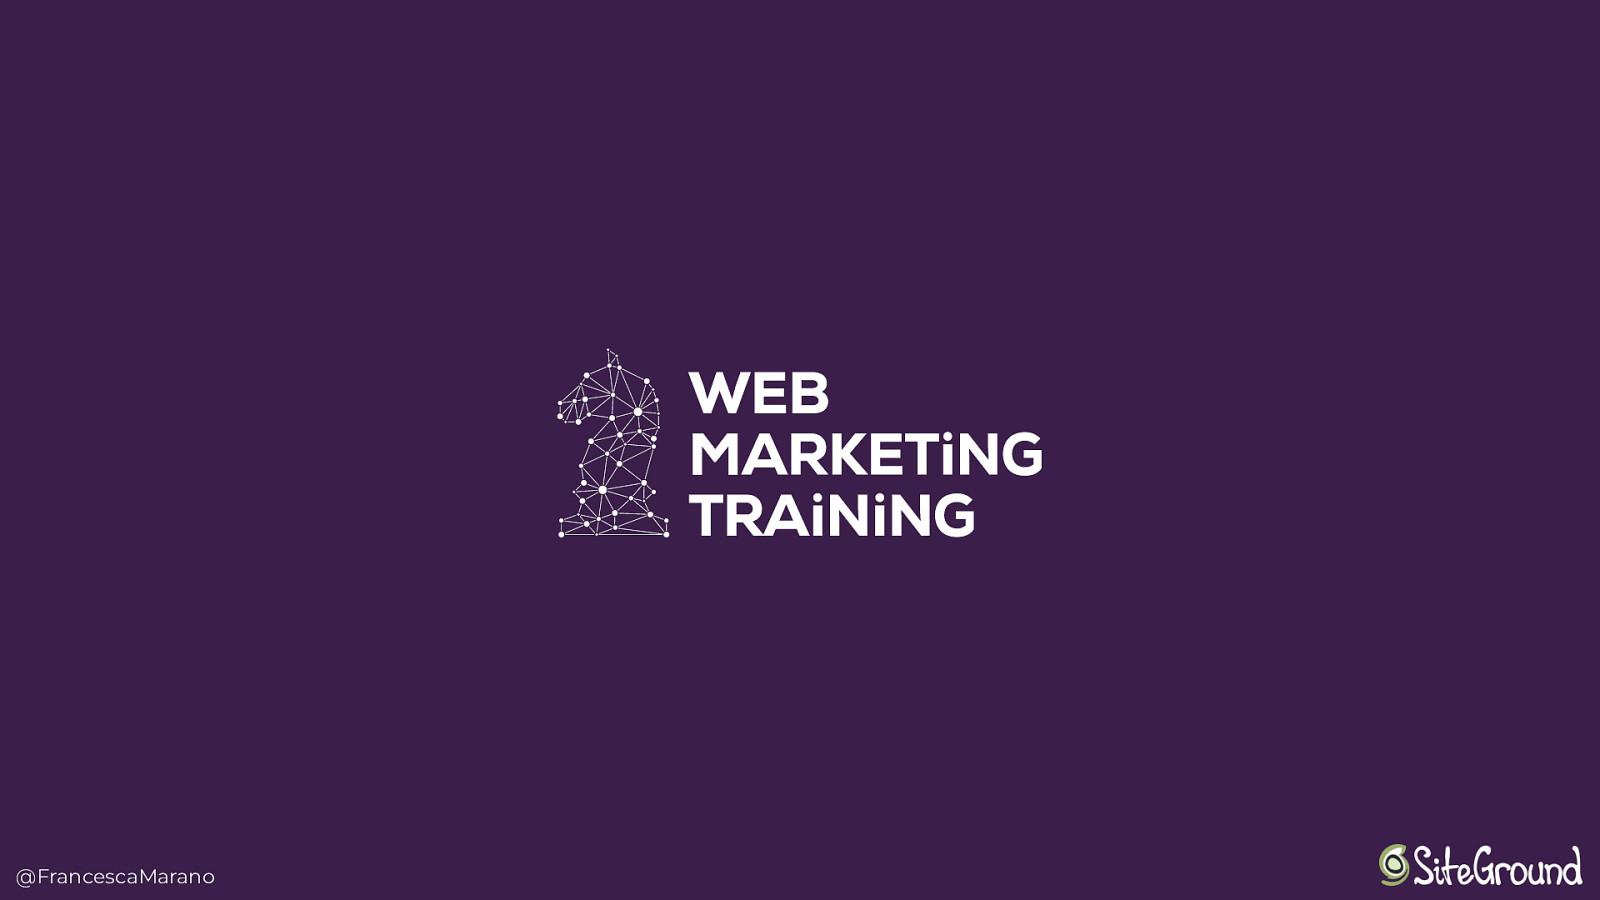 Un blog multiautore per la tua azienda